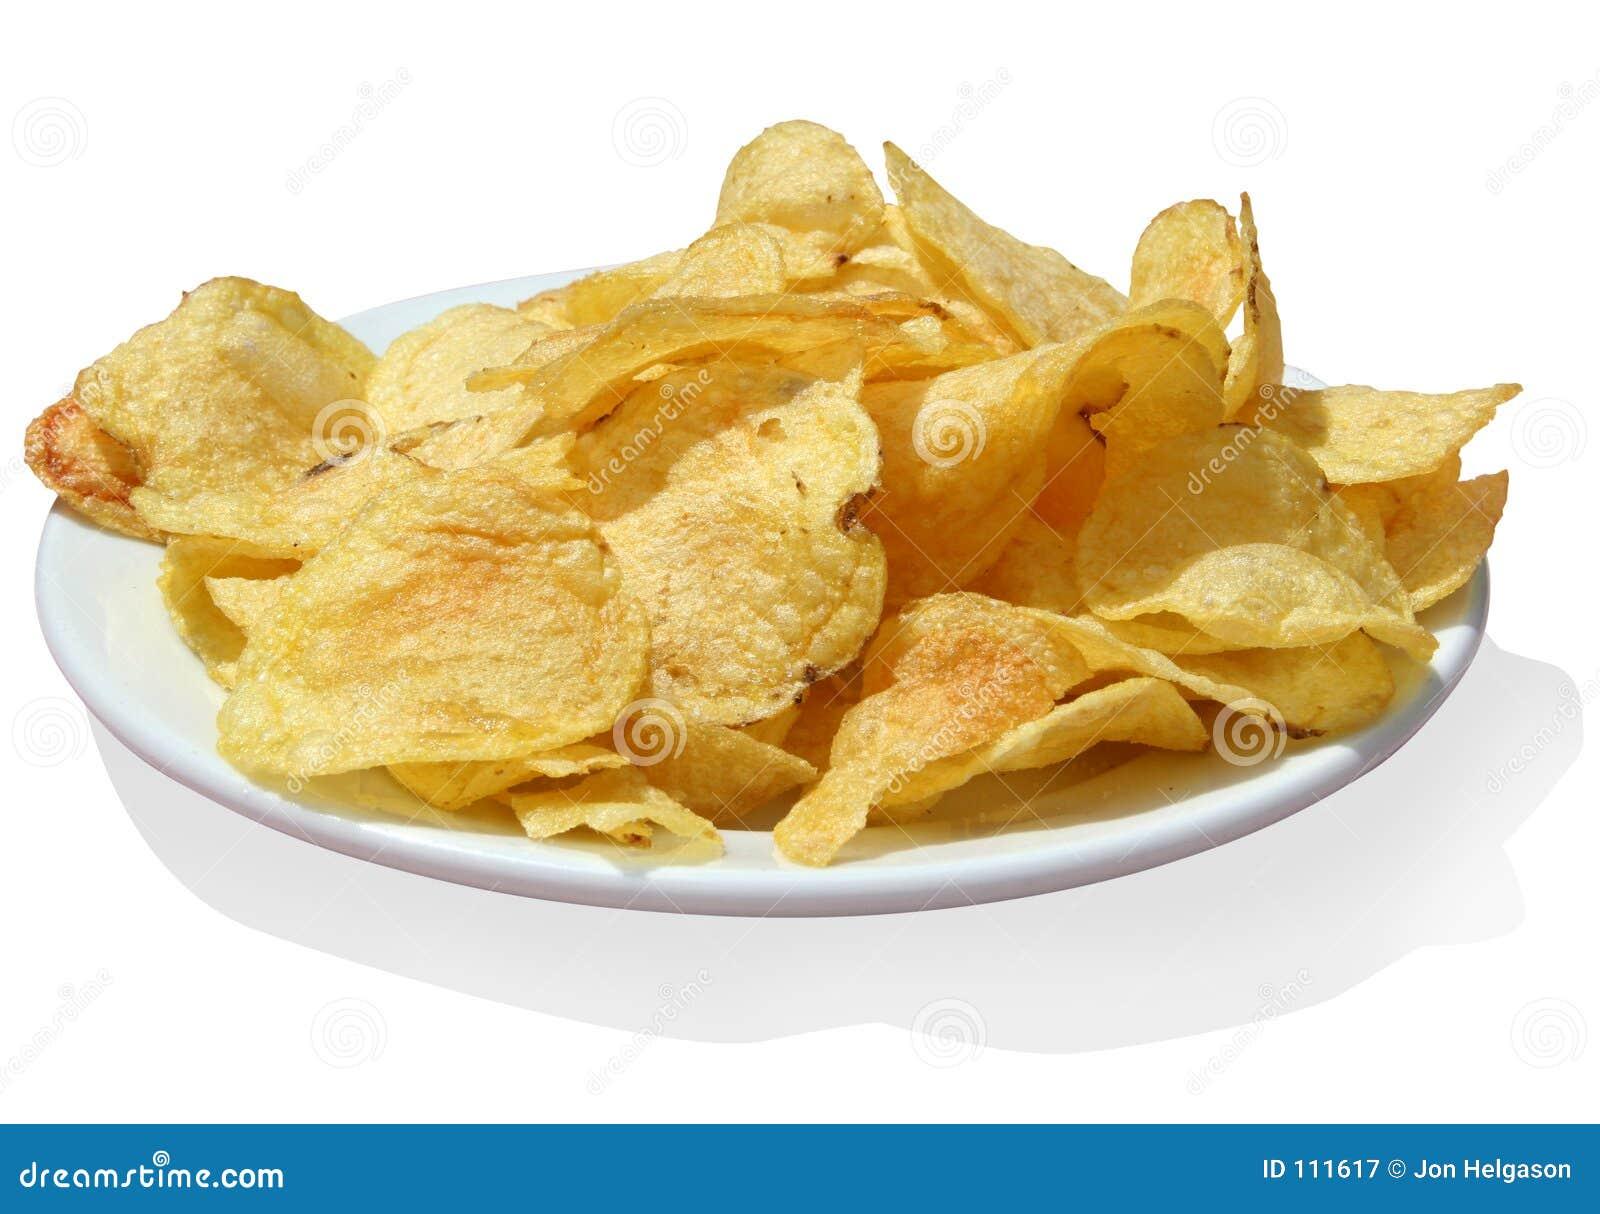 Kartoffelchips w/path